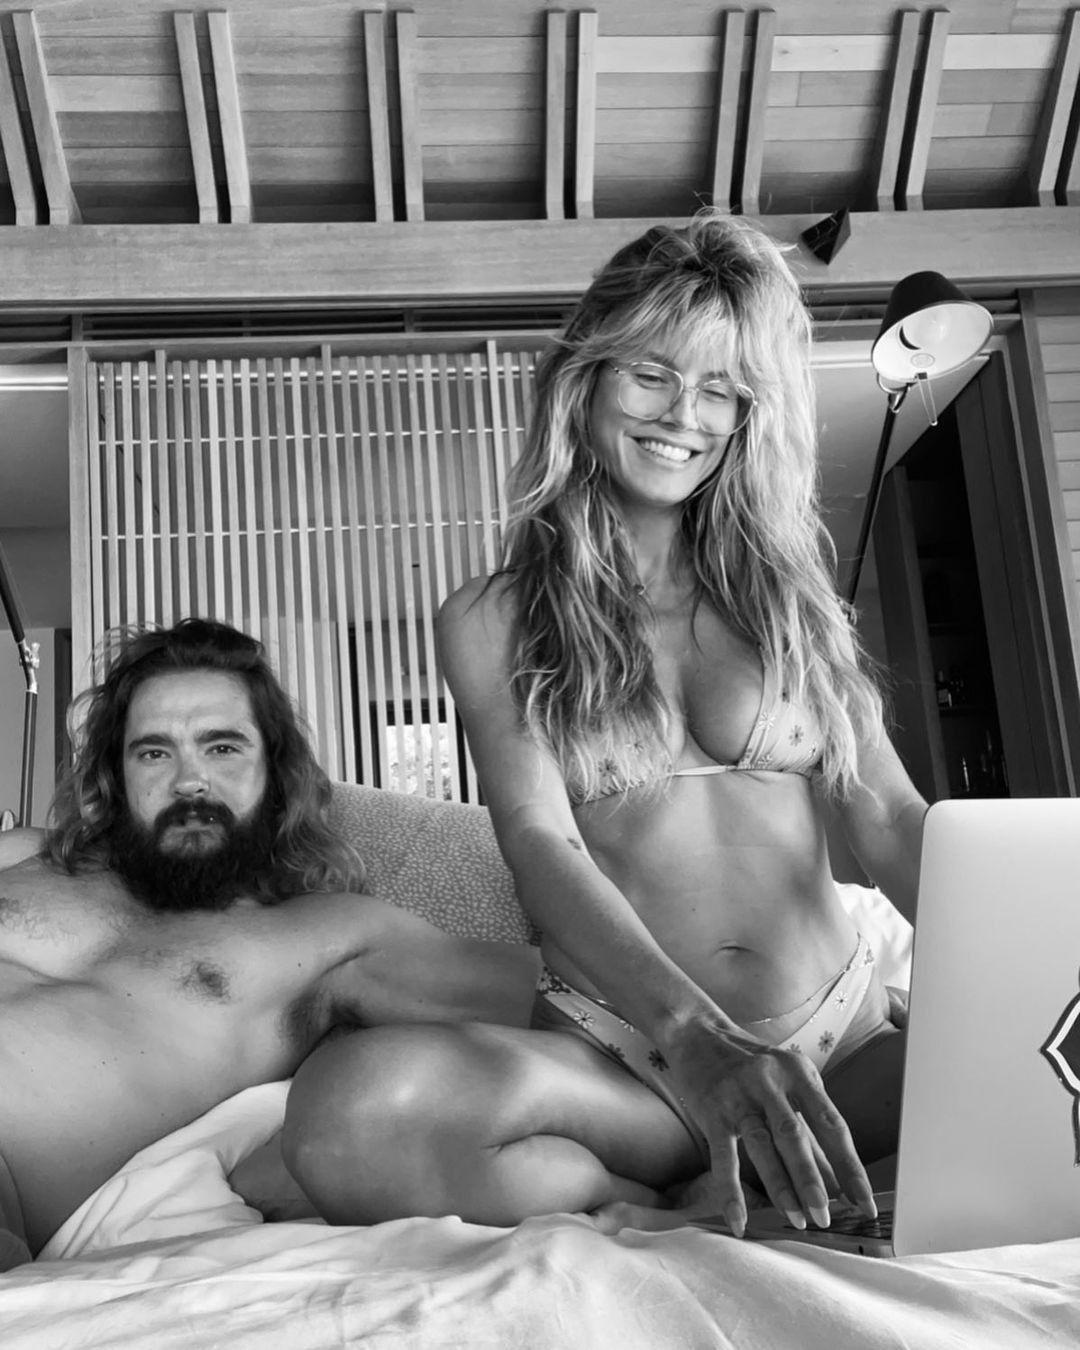 'Yatakta çılgınım' diyen ünlü model, bikinili pozuyla nefes kesti - Sayfa 1